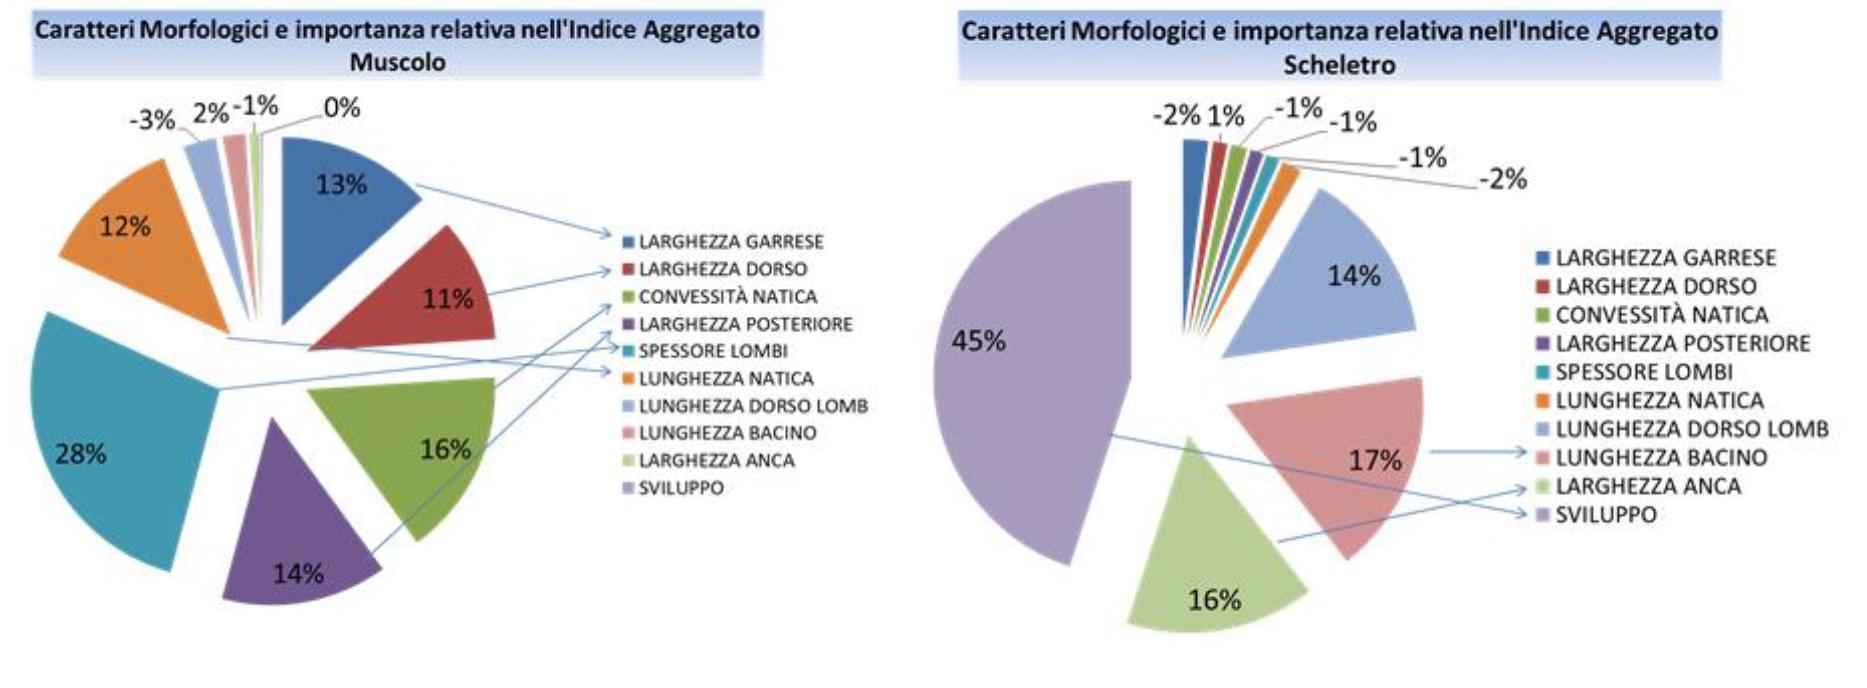 Pesi relativi dei 10 caratteri morfologici nei 2 indici aggregati